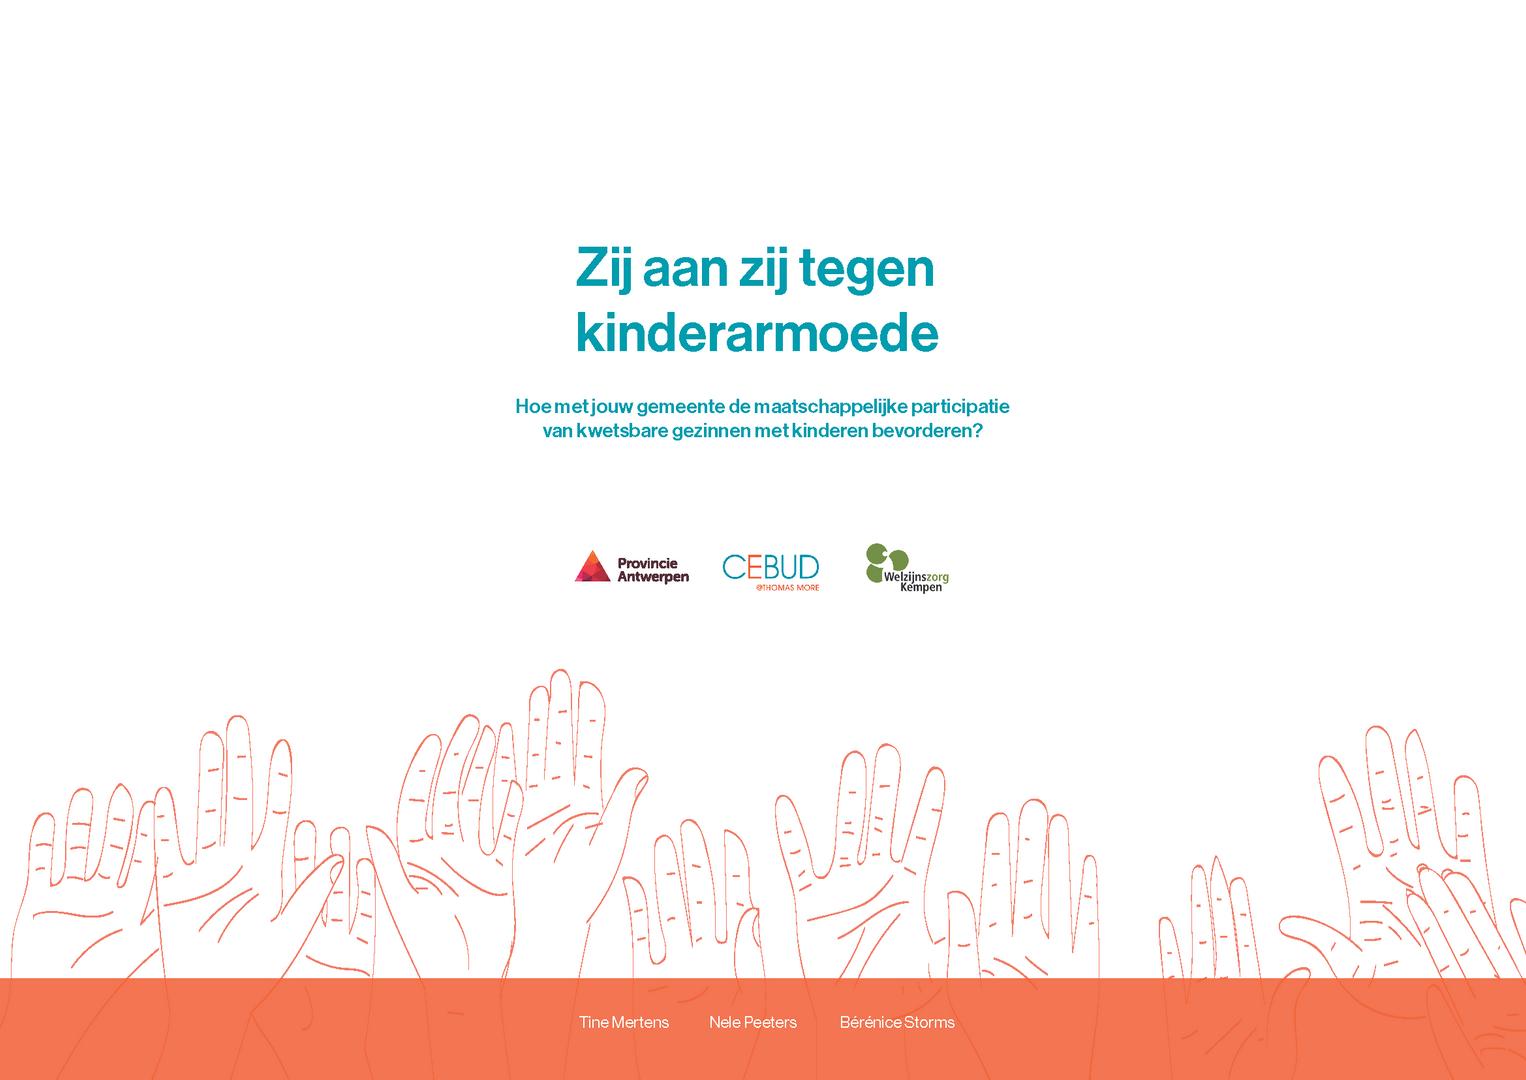 Zij aan zij tegen kinderarmoede_Roadmap.